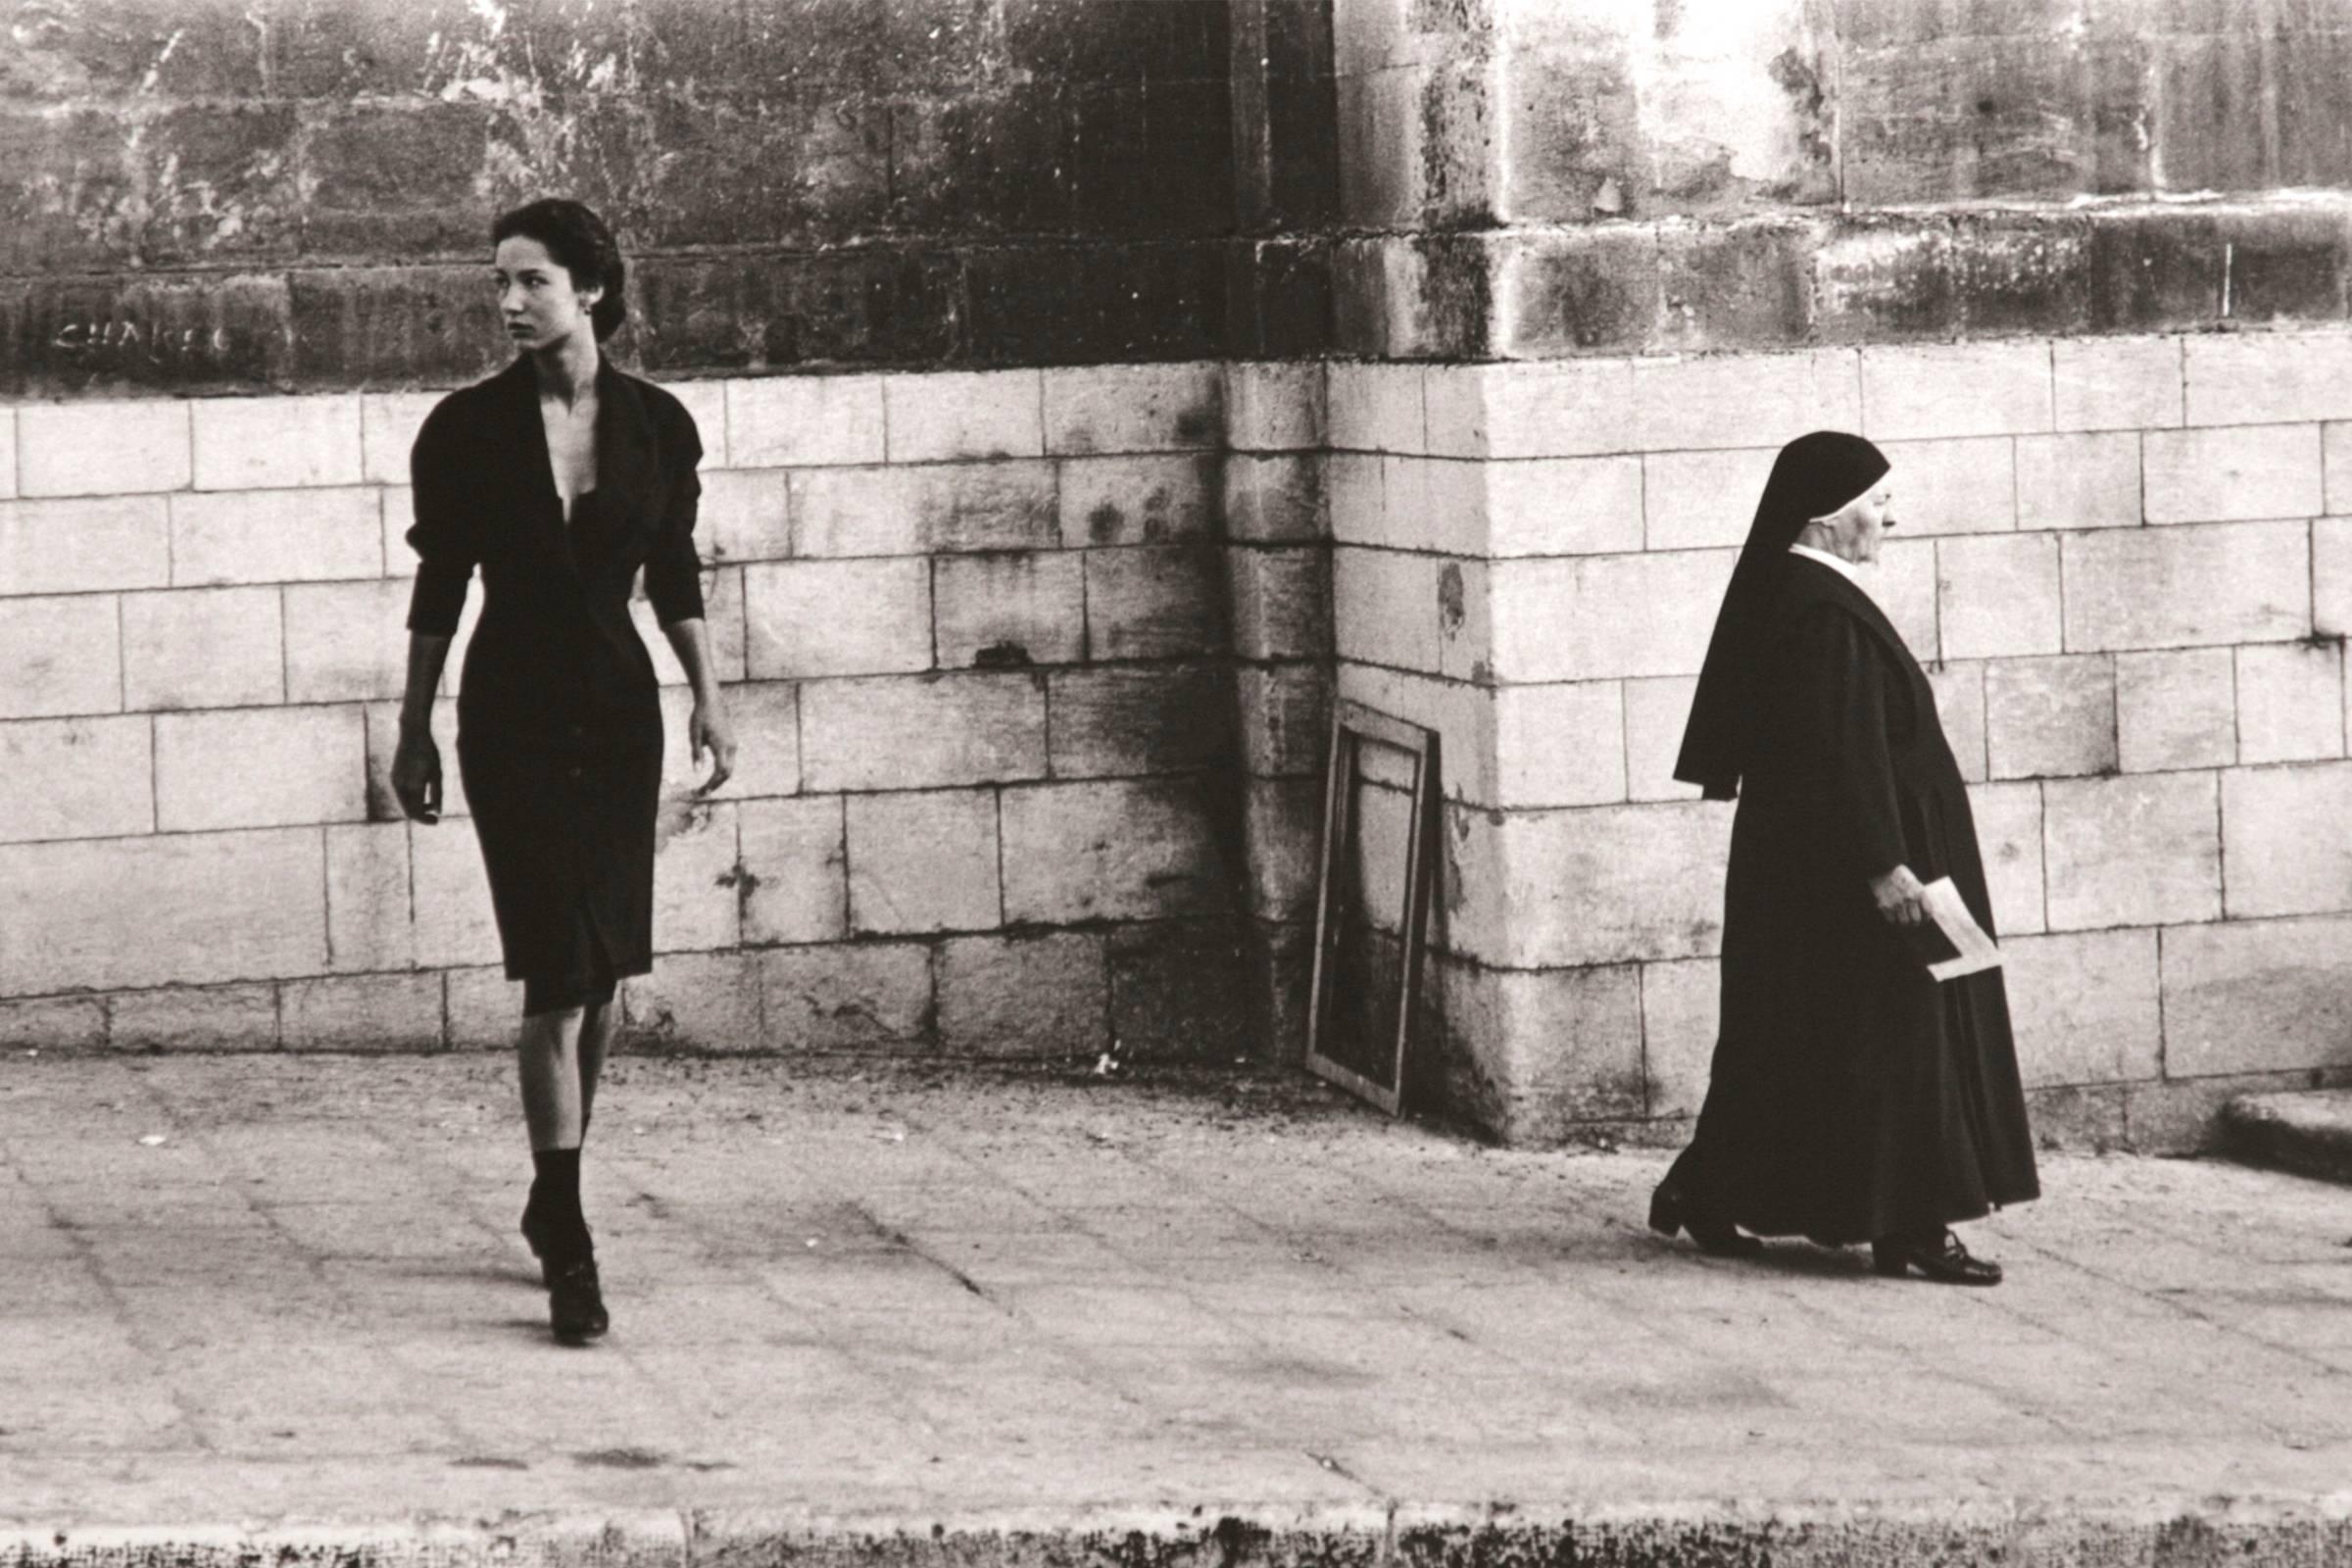 - Dolce & Gabbana於1988年推出的第四個系列 「西西里洋裝(The Sicilian Dress)」引起關注,奠定了品牌基礎。photo via Heroine